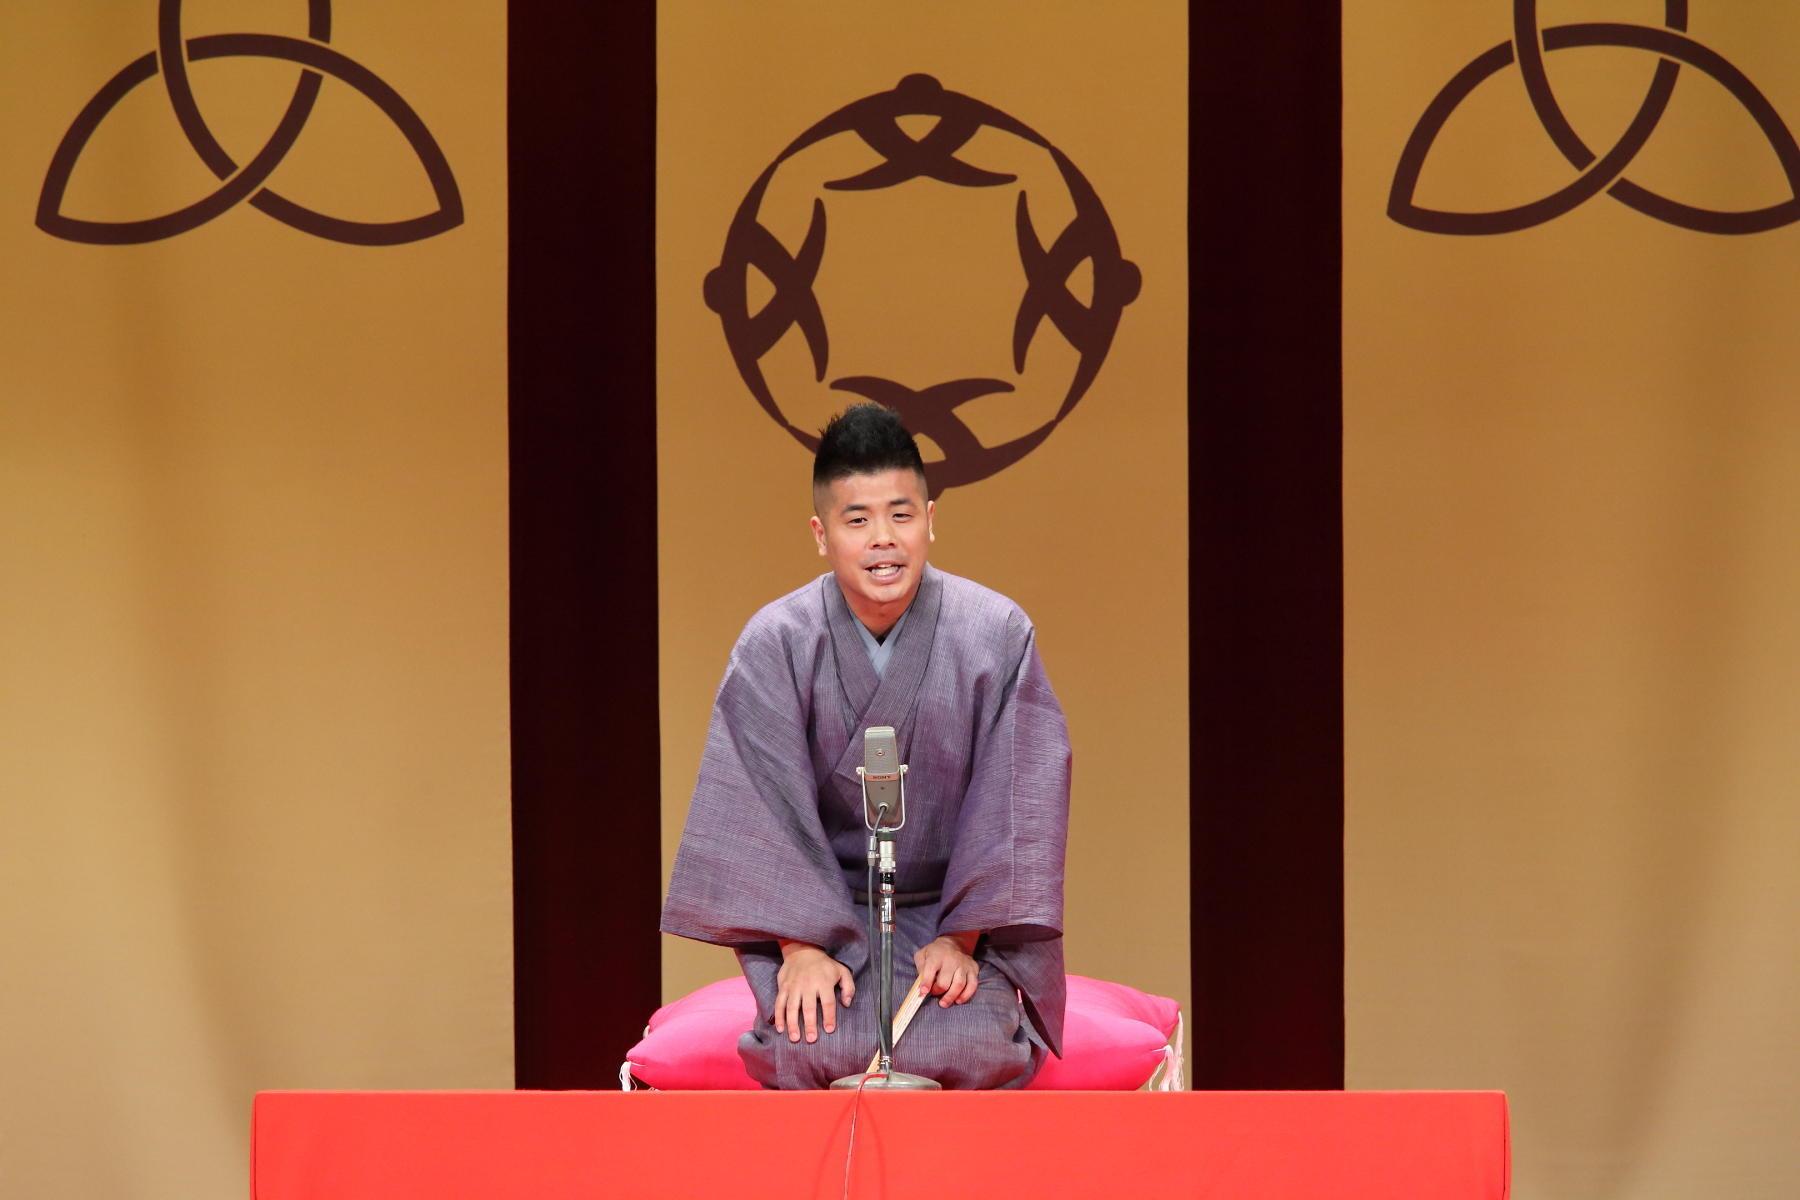 http://news.yoshimoto.co.jp/20180925103314-0104c170d9b967ee0d377bebc7498db06e802f66.jpg